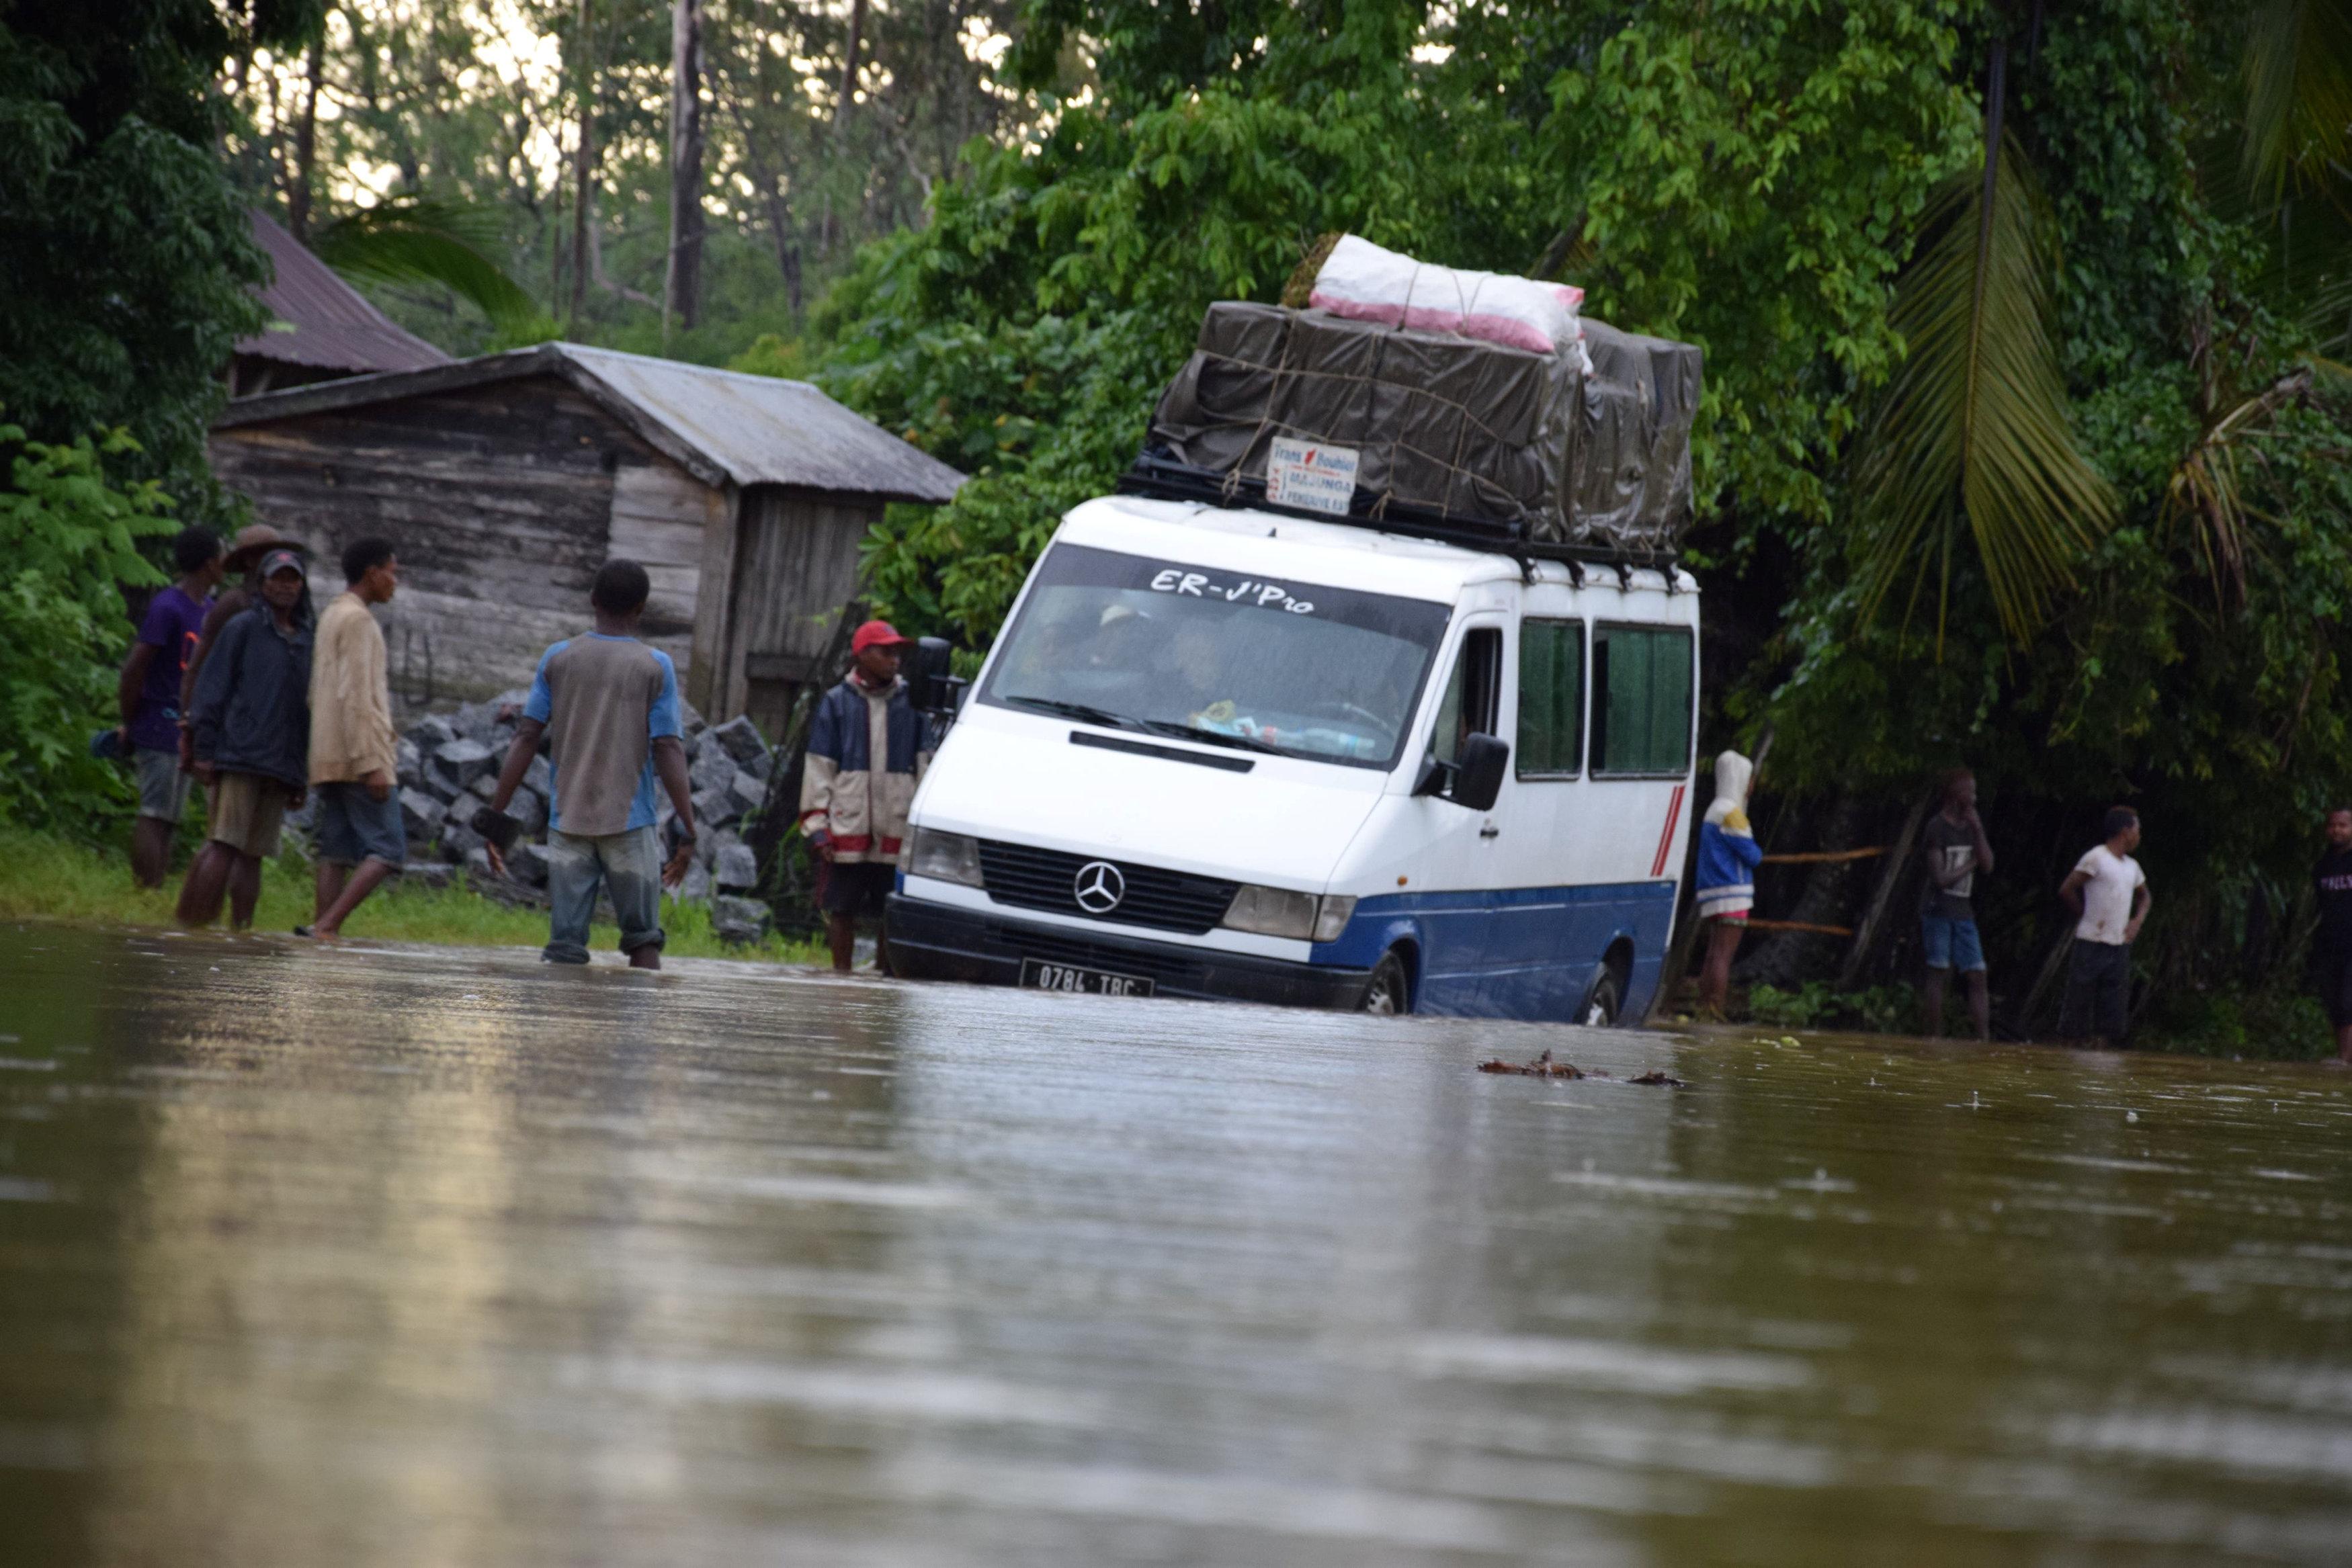 The aftermath of the tropical storm Eliakim near Manambonitra, Atsinanana region, Madagascar, March 18, 2018 in this picture obtained from social media. Erino Razafimanana/ via REUTERS